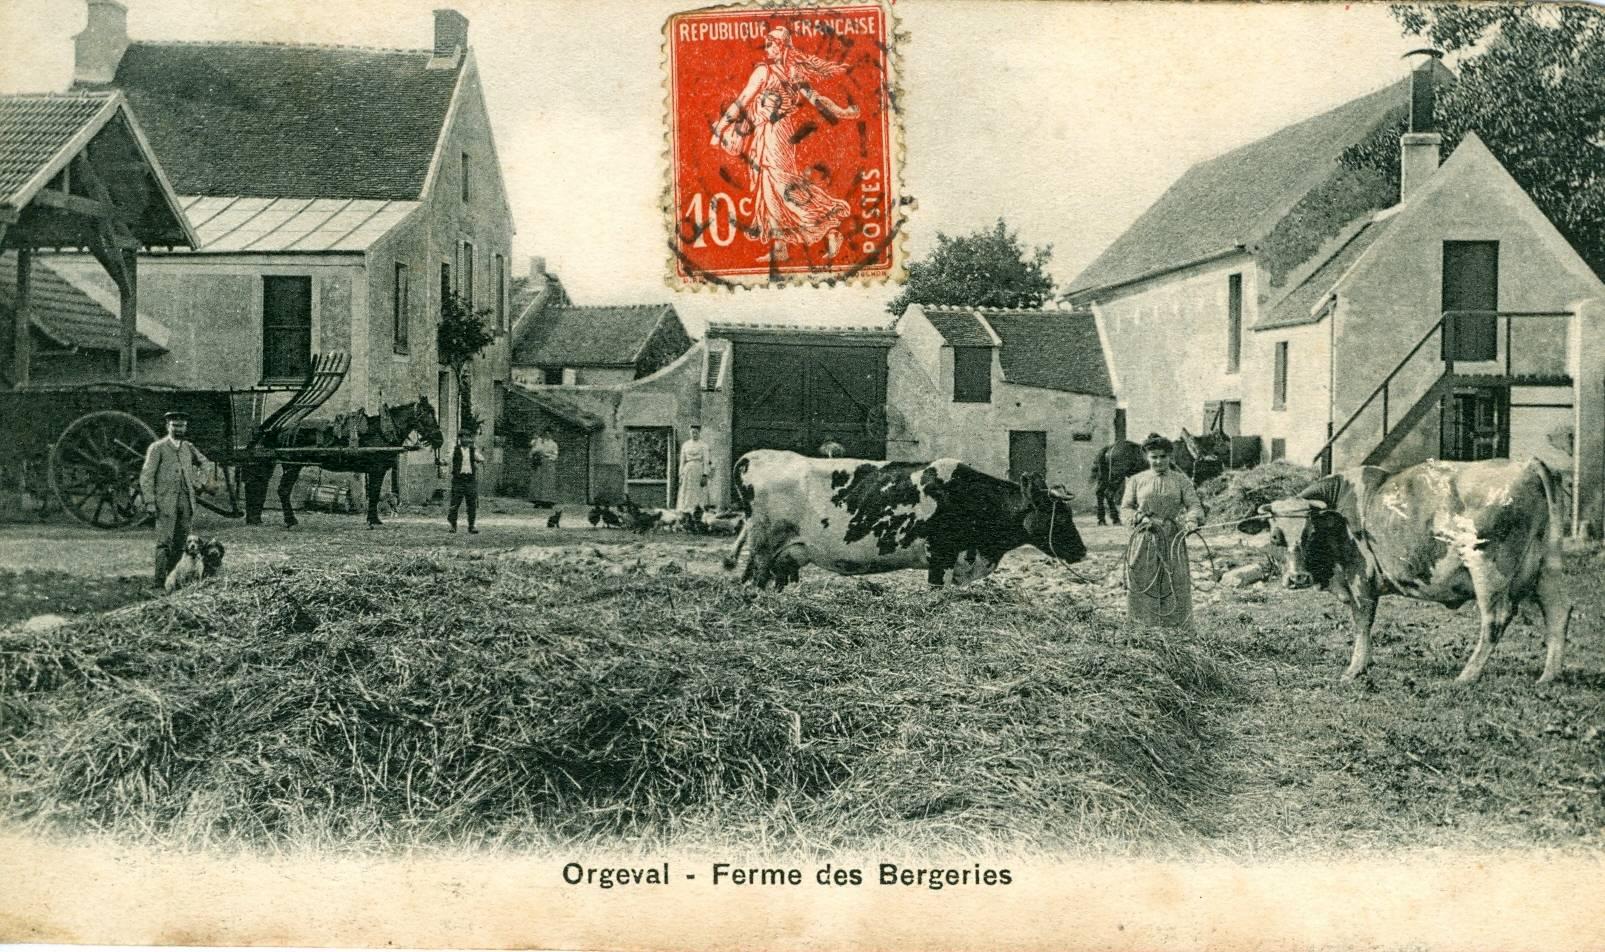 Riv 03 ferme des bergeries